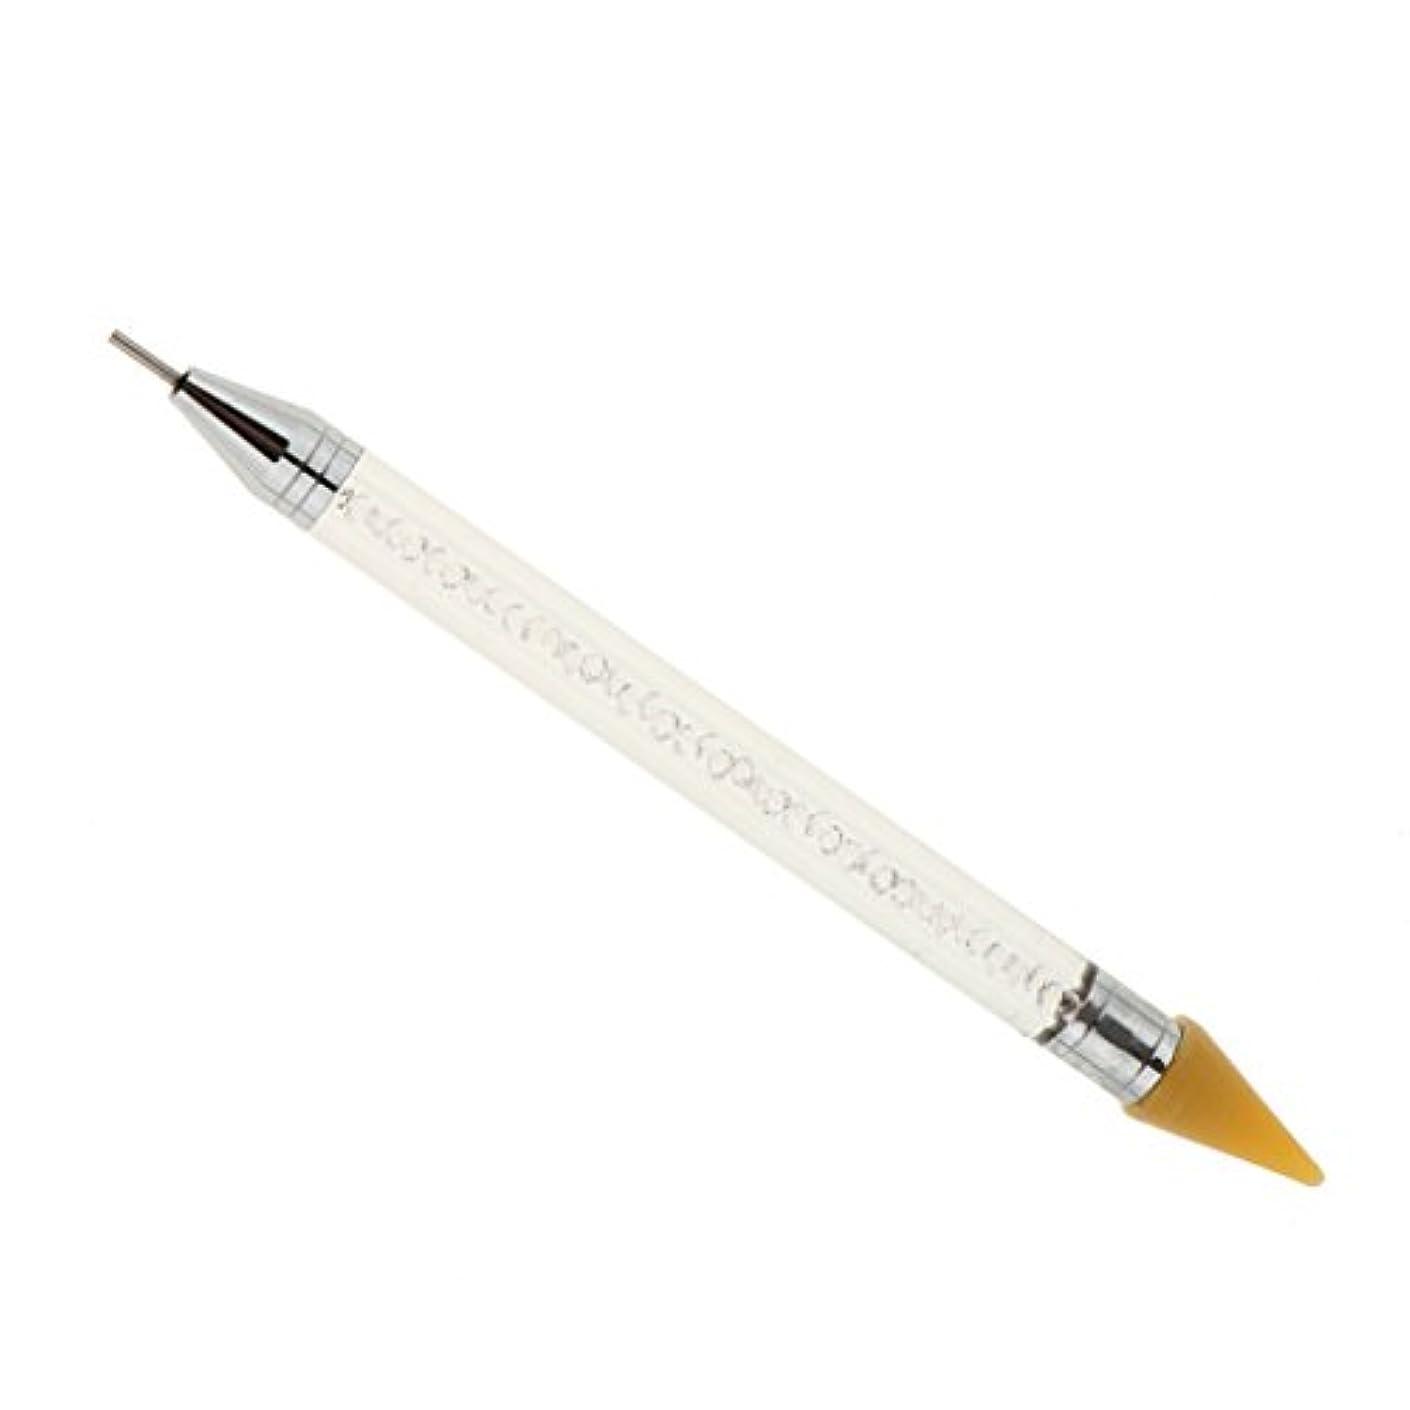 鉛筆憲法インクPerfk ネイル ラインストーン デュアルエンド ドットペン ペンシル マニキュア ネイルアートツール